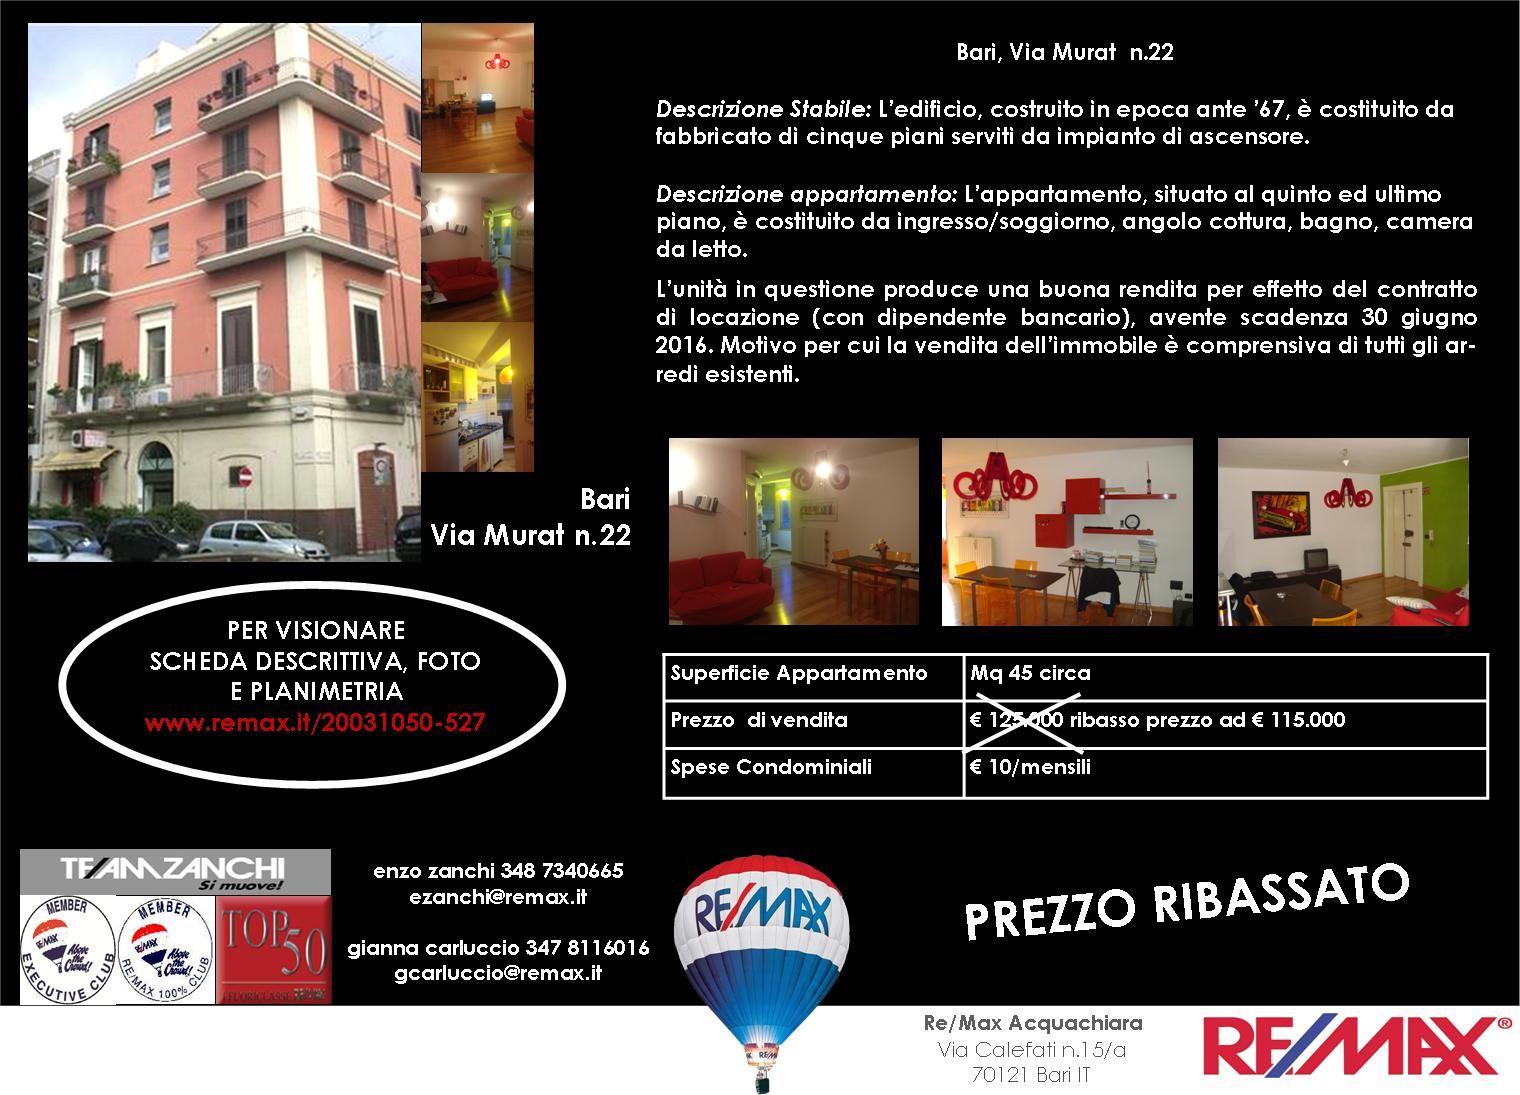 PREZZO APPENA RIBASSATO Bari, Via Murat (adiacente ...